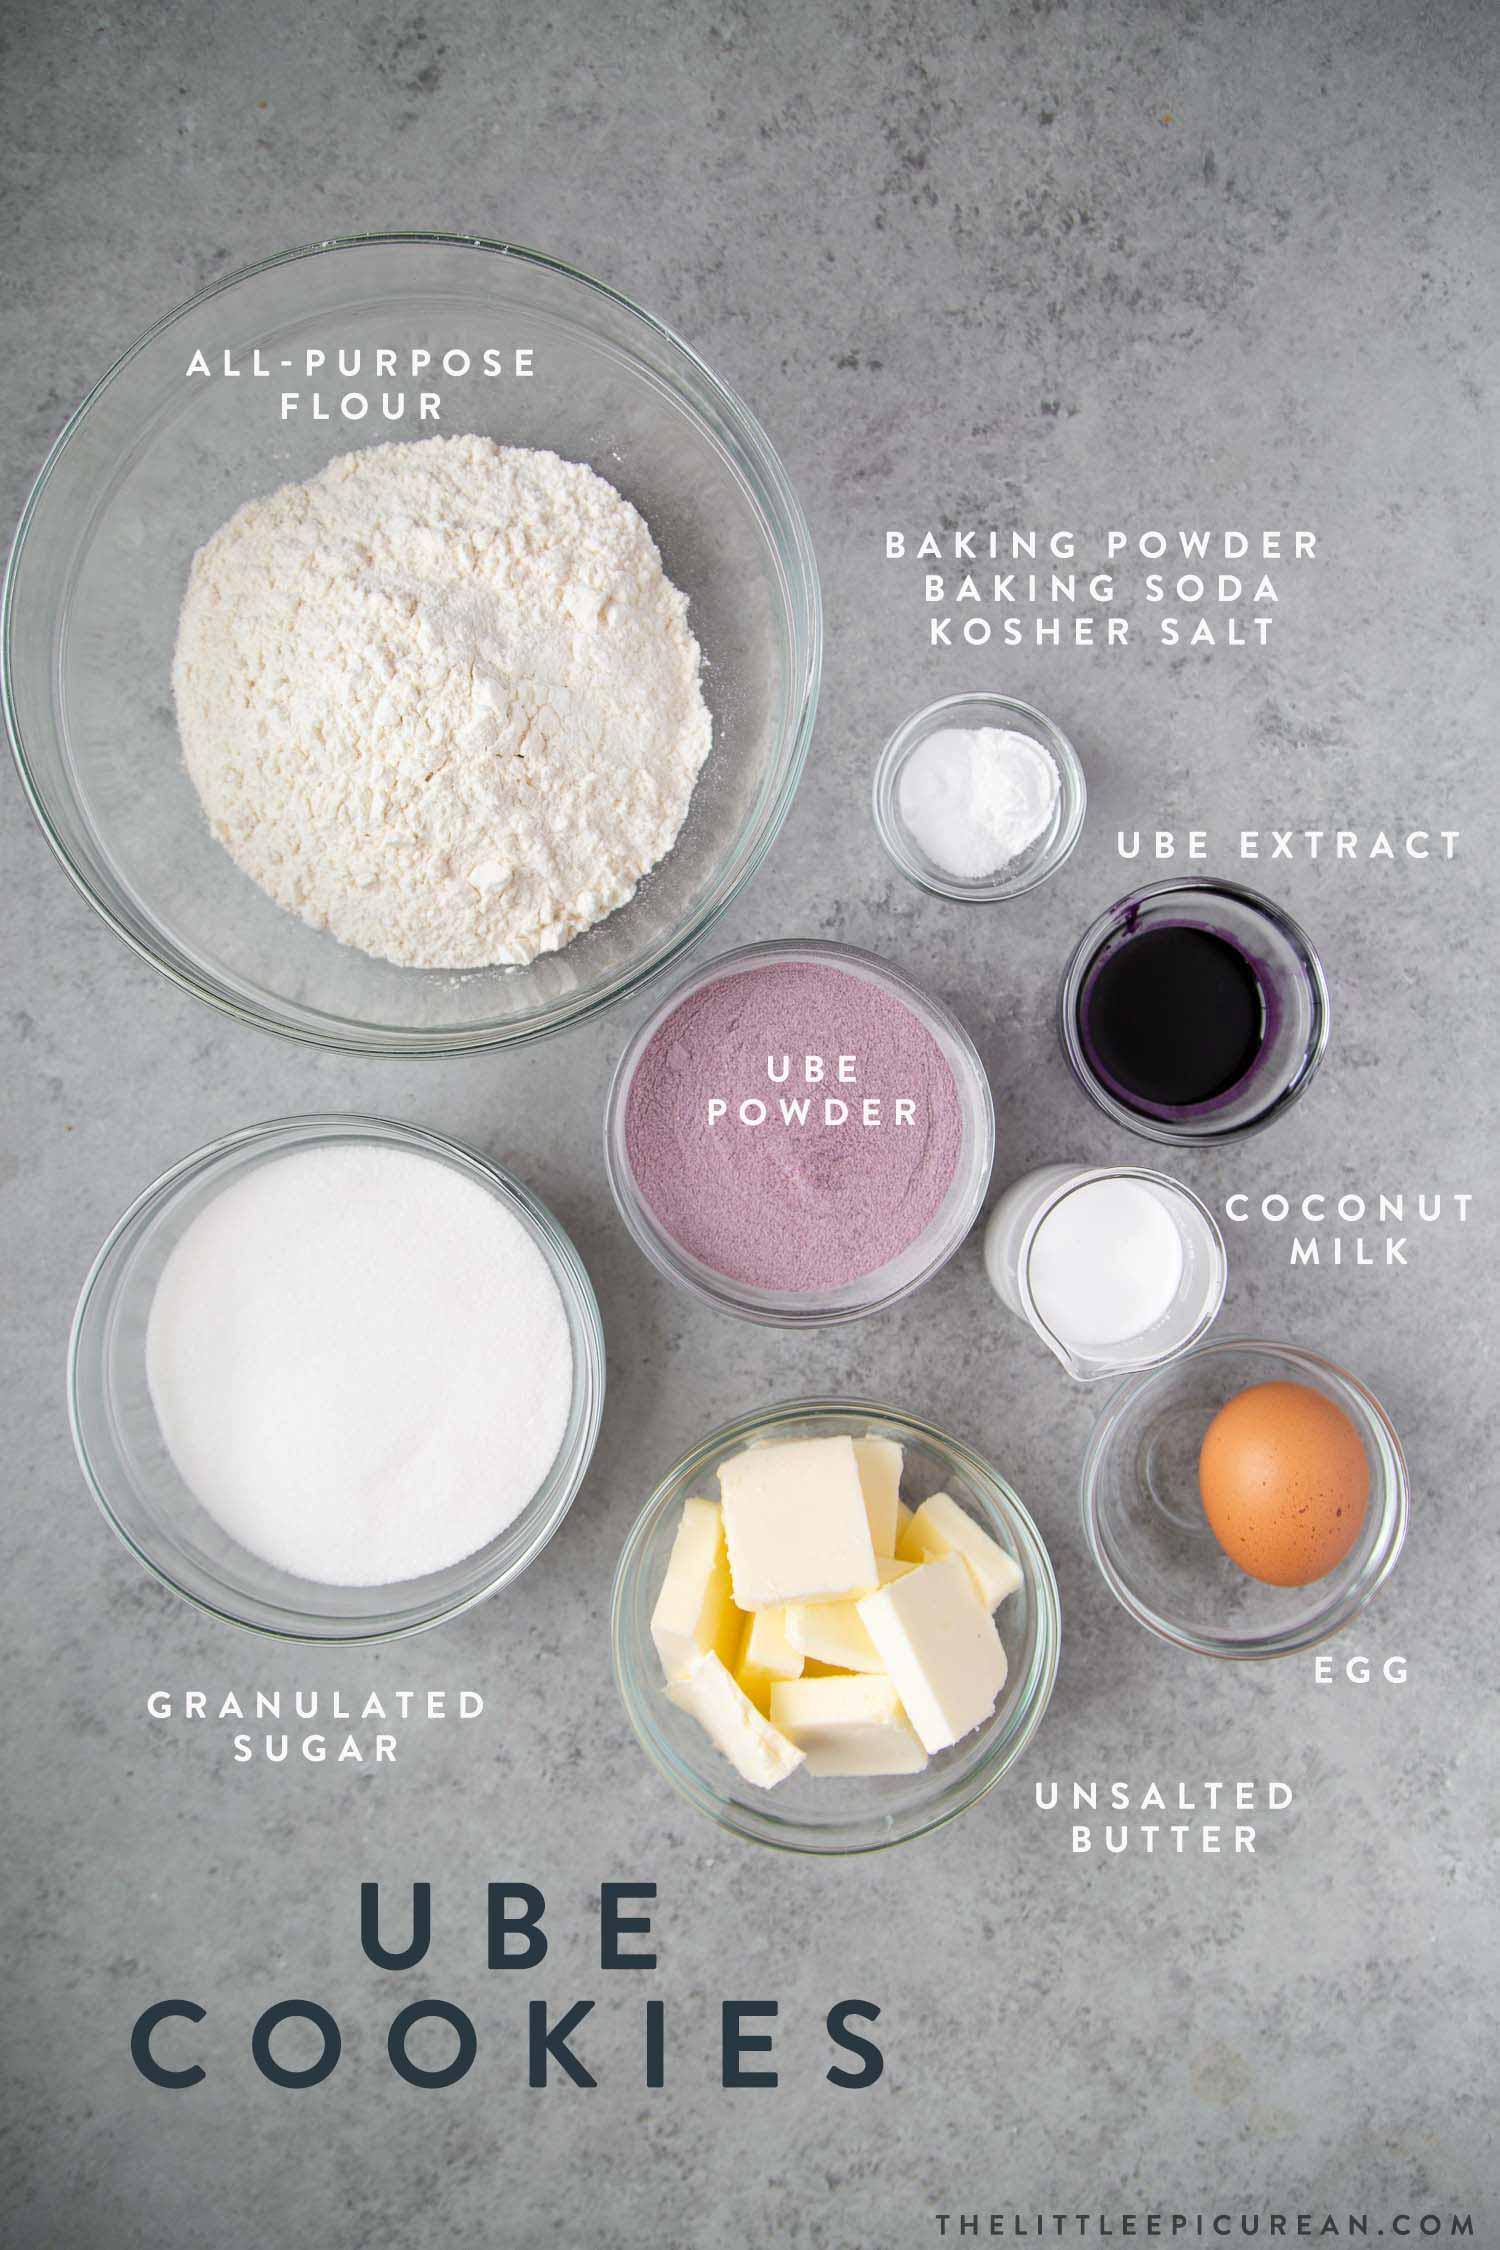 Ube Sugar Cookies Ingredients